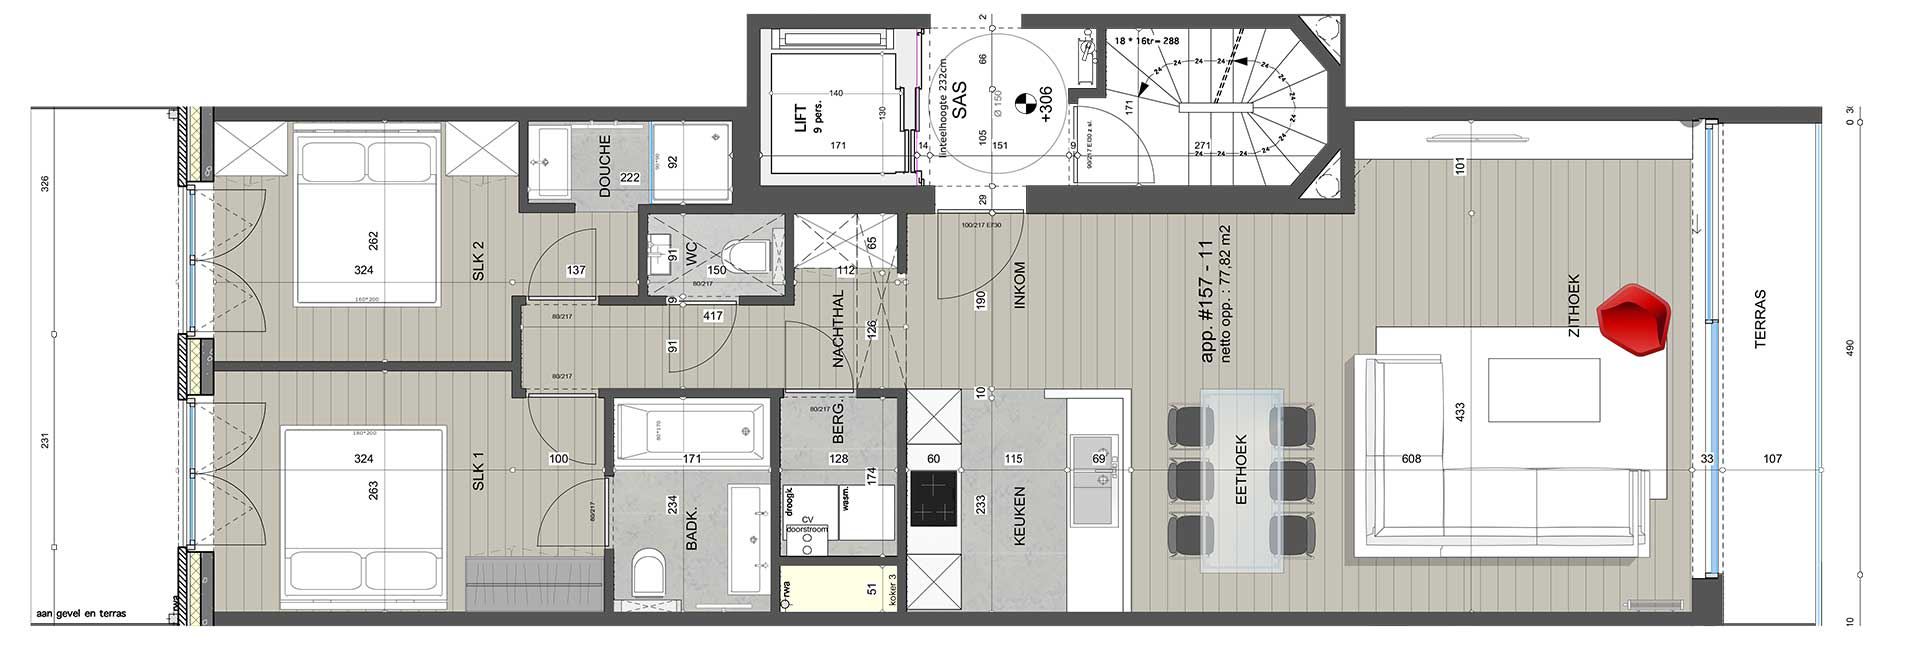 Residentie <br/> Fontana - image residentie-fontana-appartement-te-koop-knokke-plannen-157-11-1 on https://hoprom.be